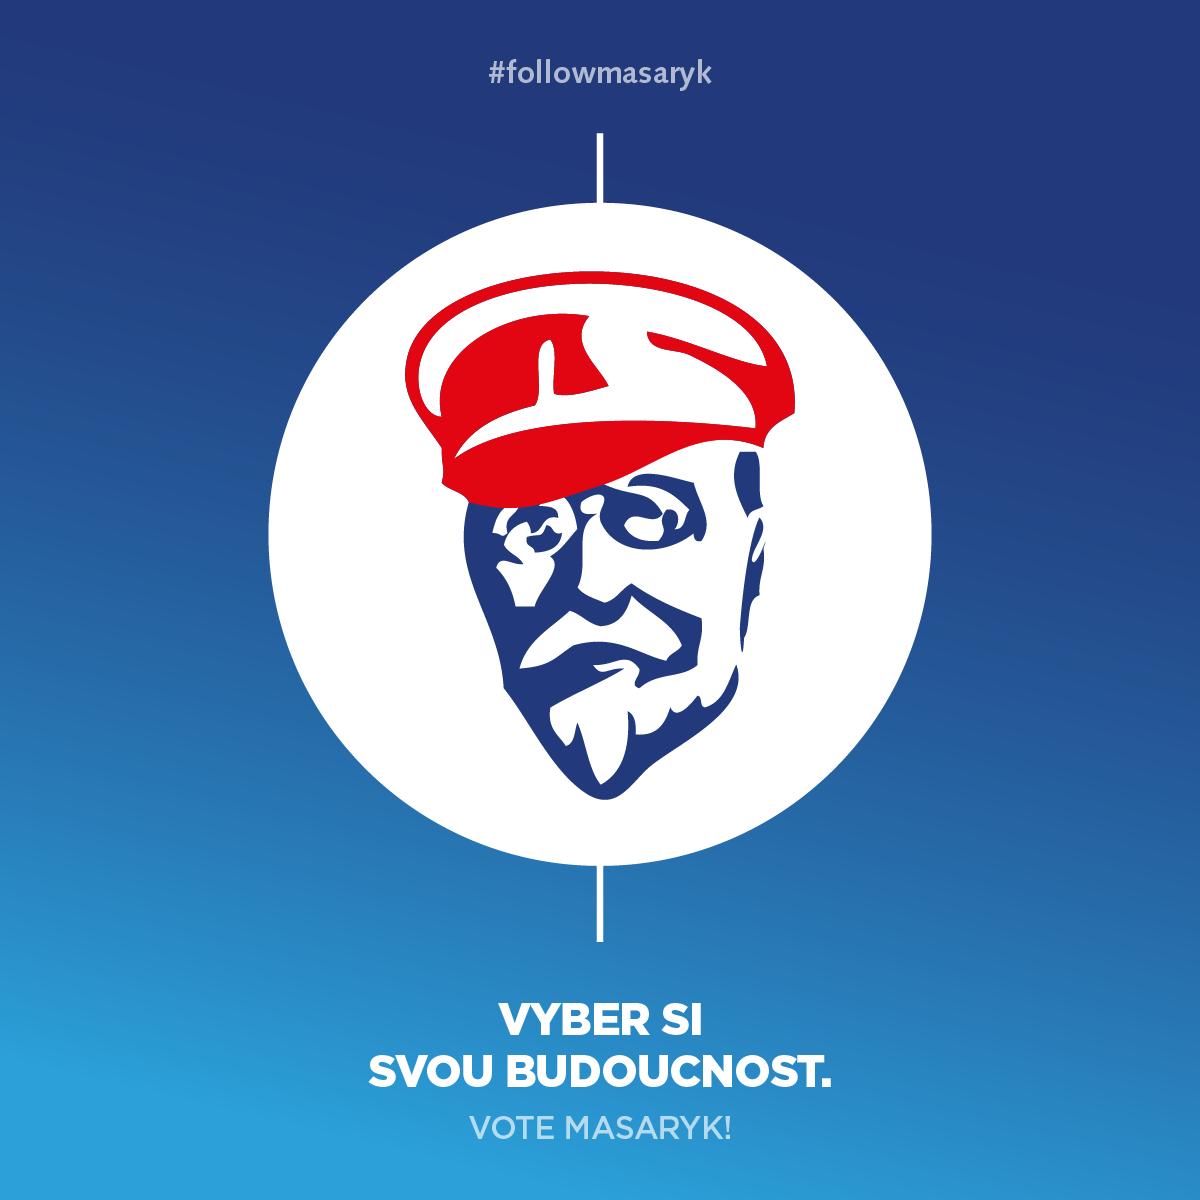 Vote Masaryk